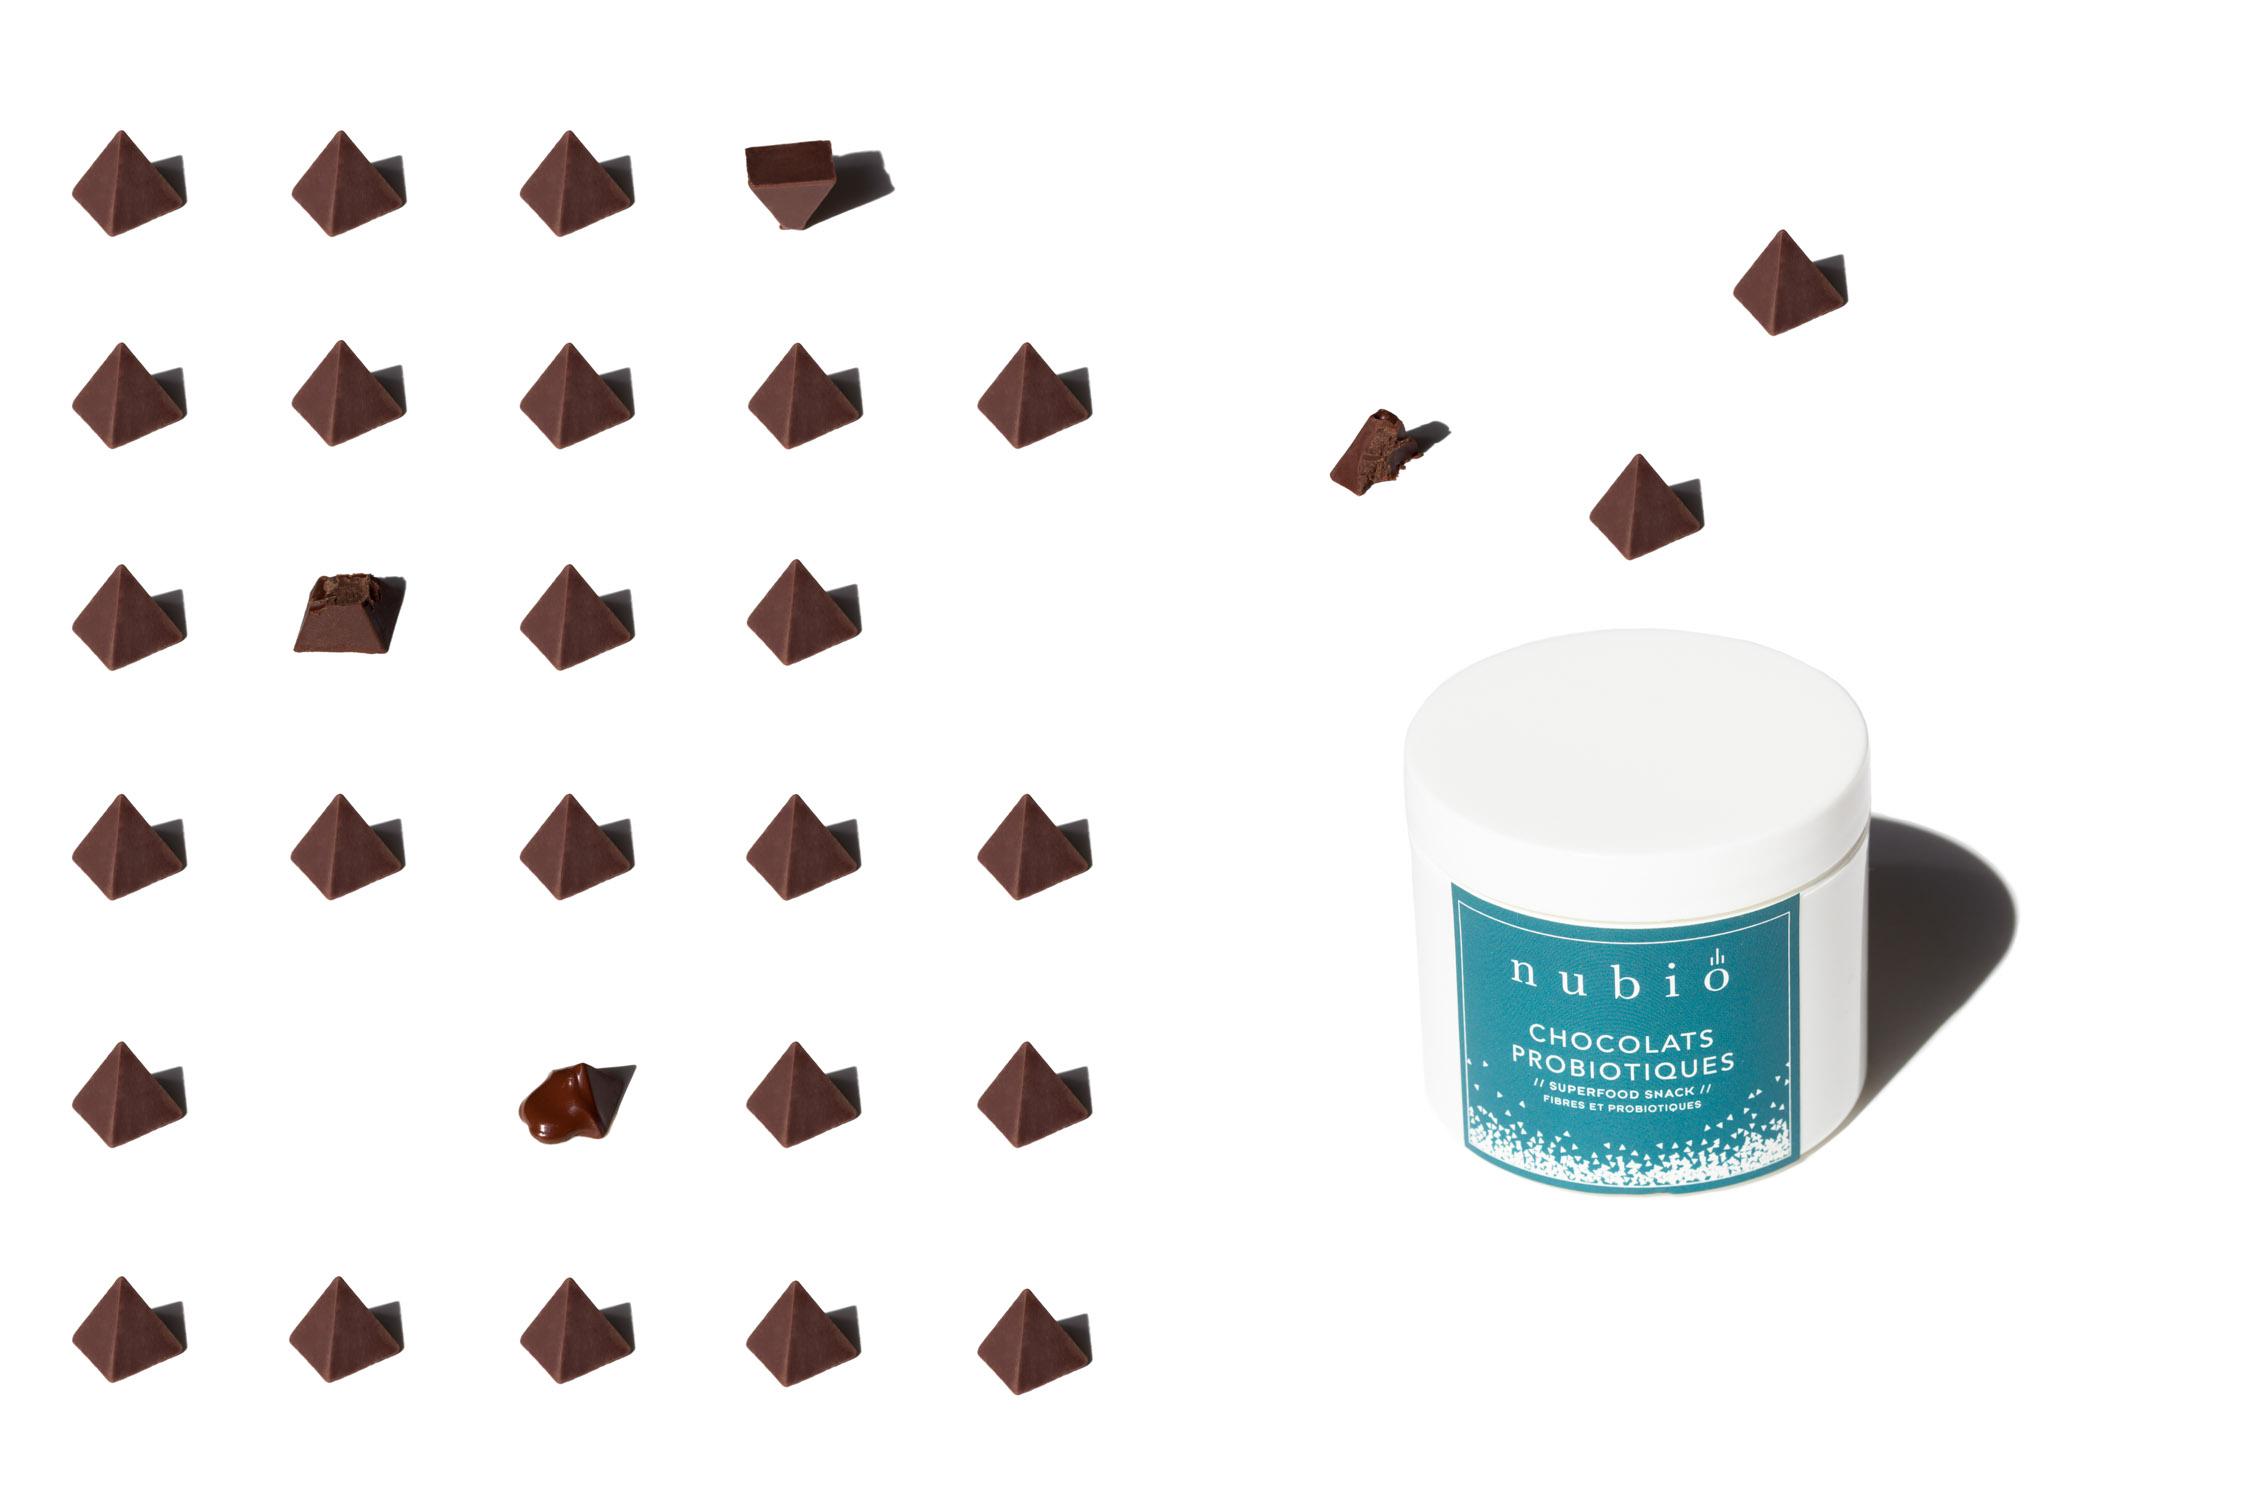 nubio chocolat probiotique